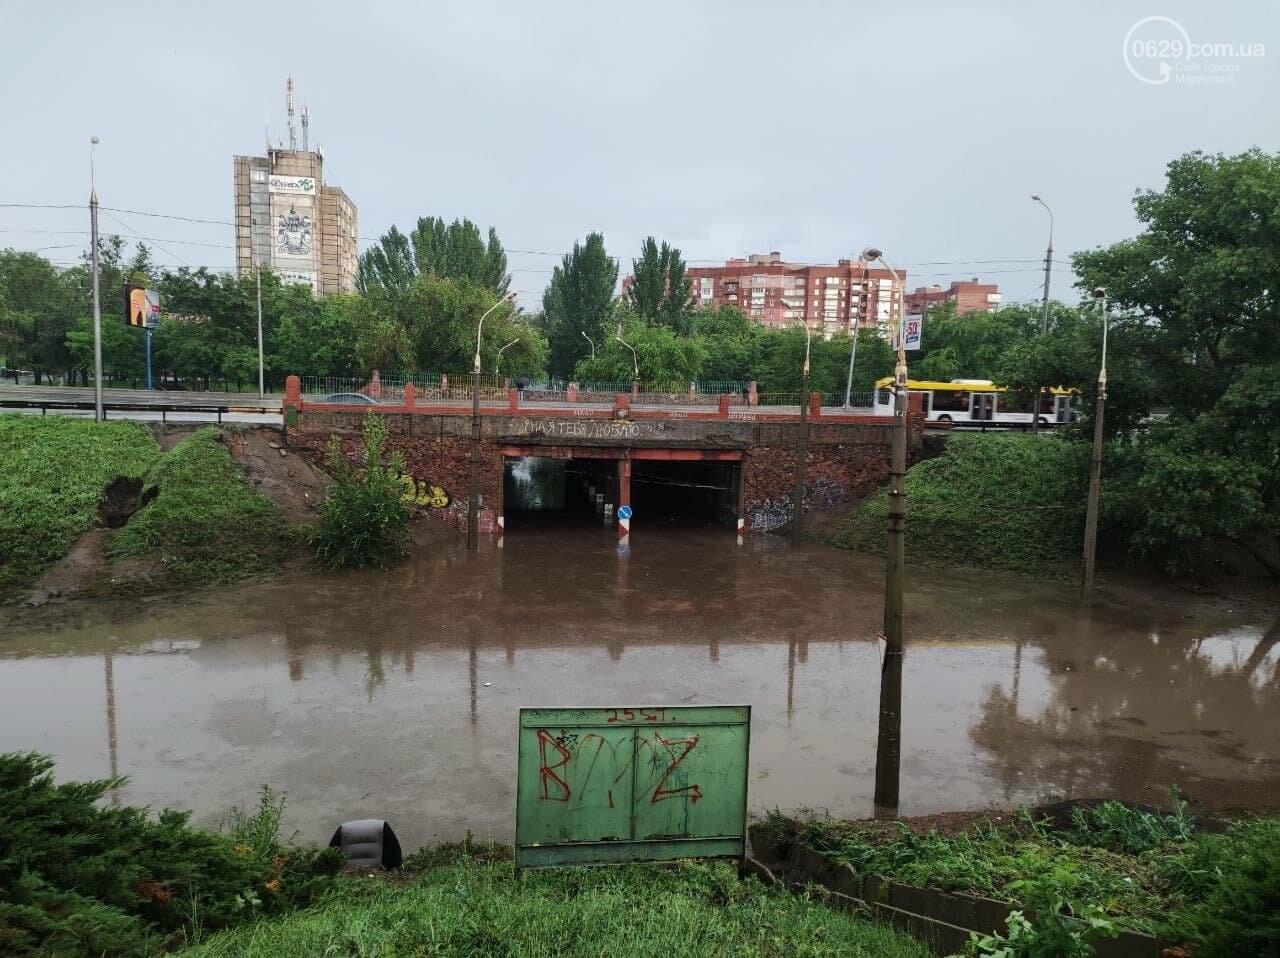 Потоп на улице Громовой. Водолазы опускаются на дно искусственного озера, - ФОТО, ВИДЕО, фото-4